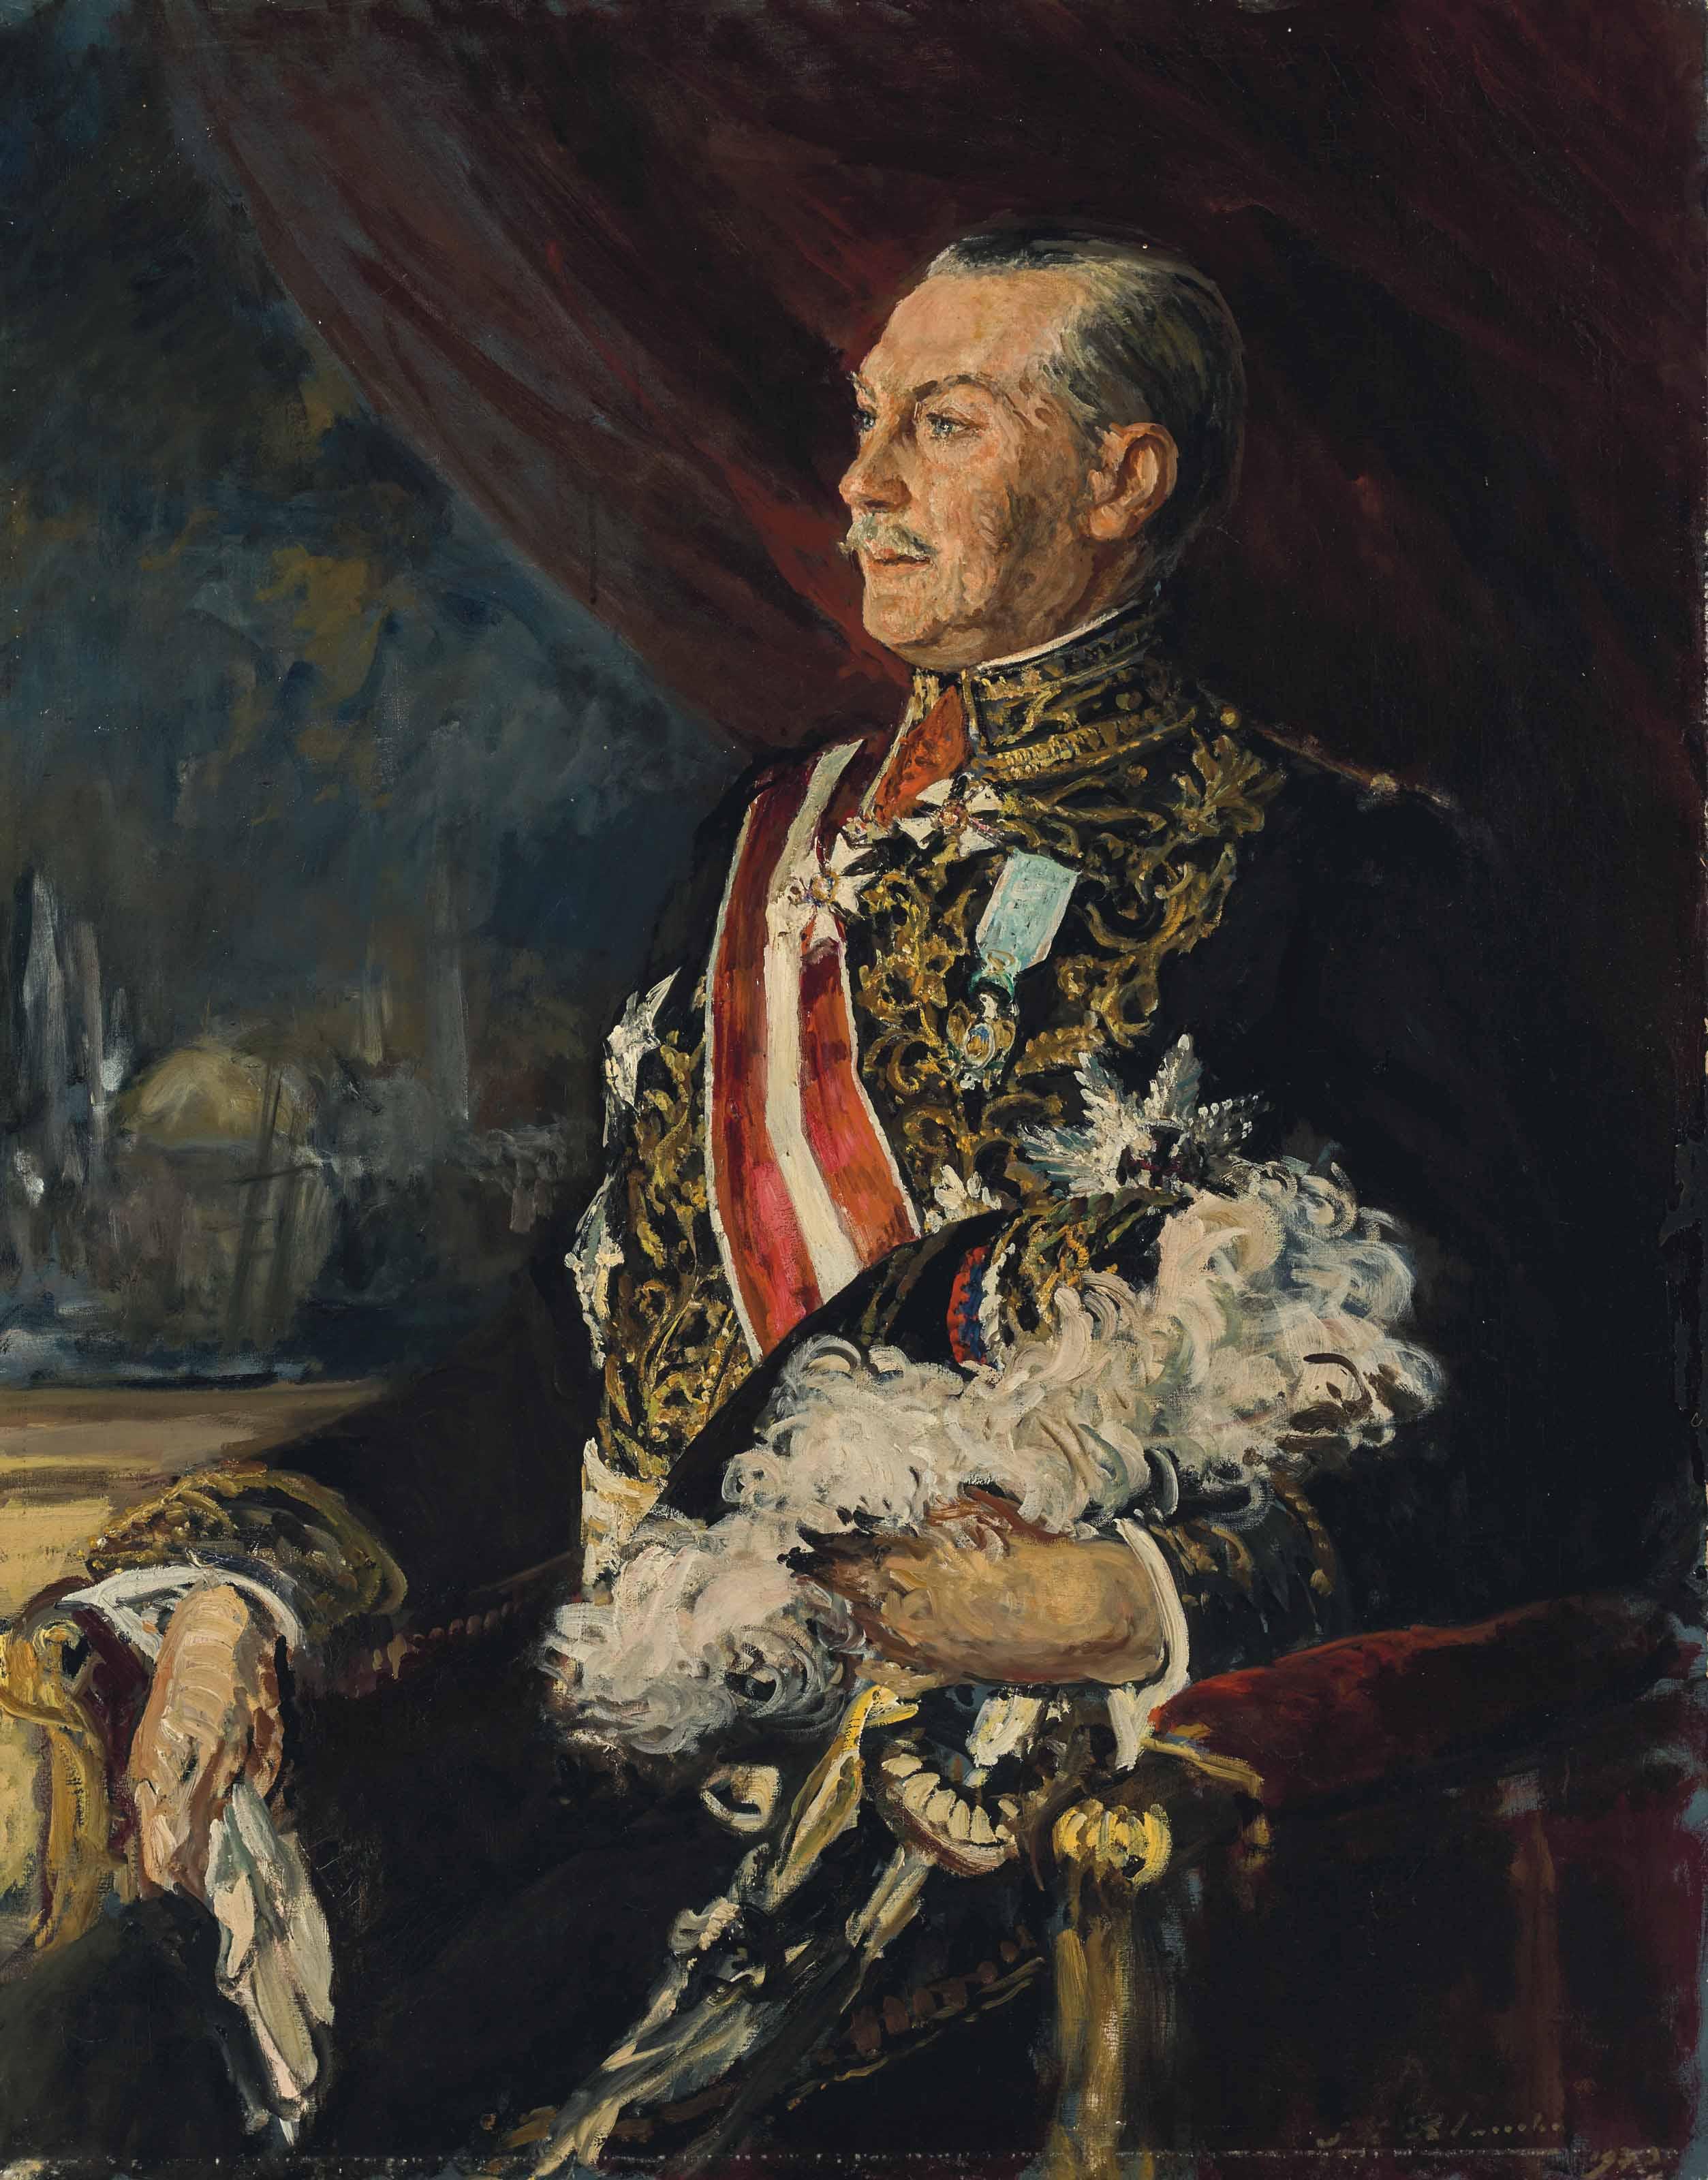 Portrait de Louis Charles Pineton de Chambrun (1875-1952), ambassadeur de France en Turquie